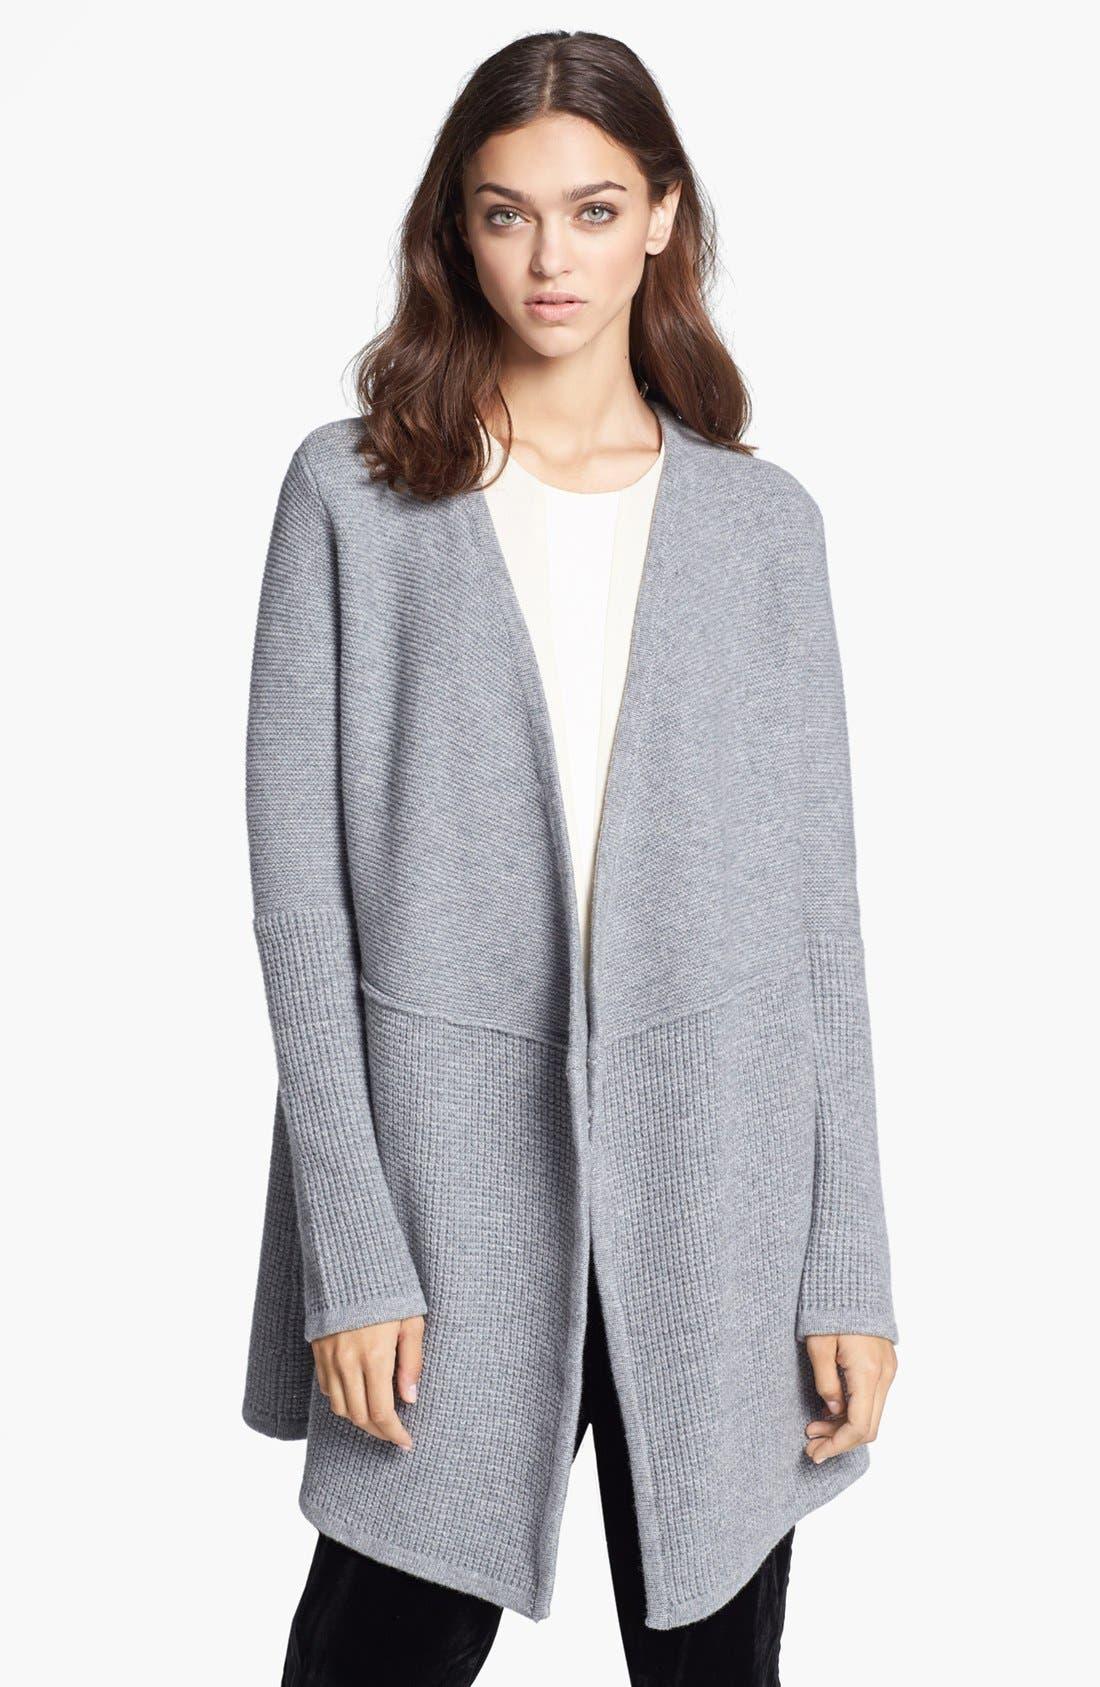 Alternate Image 1 Selected - rag & bone 'Adrienne' Merino Wool Cardigan